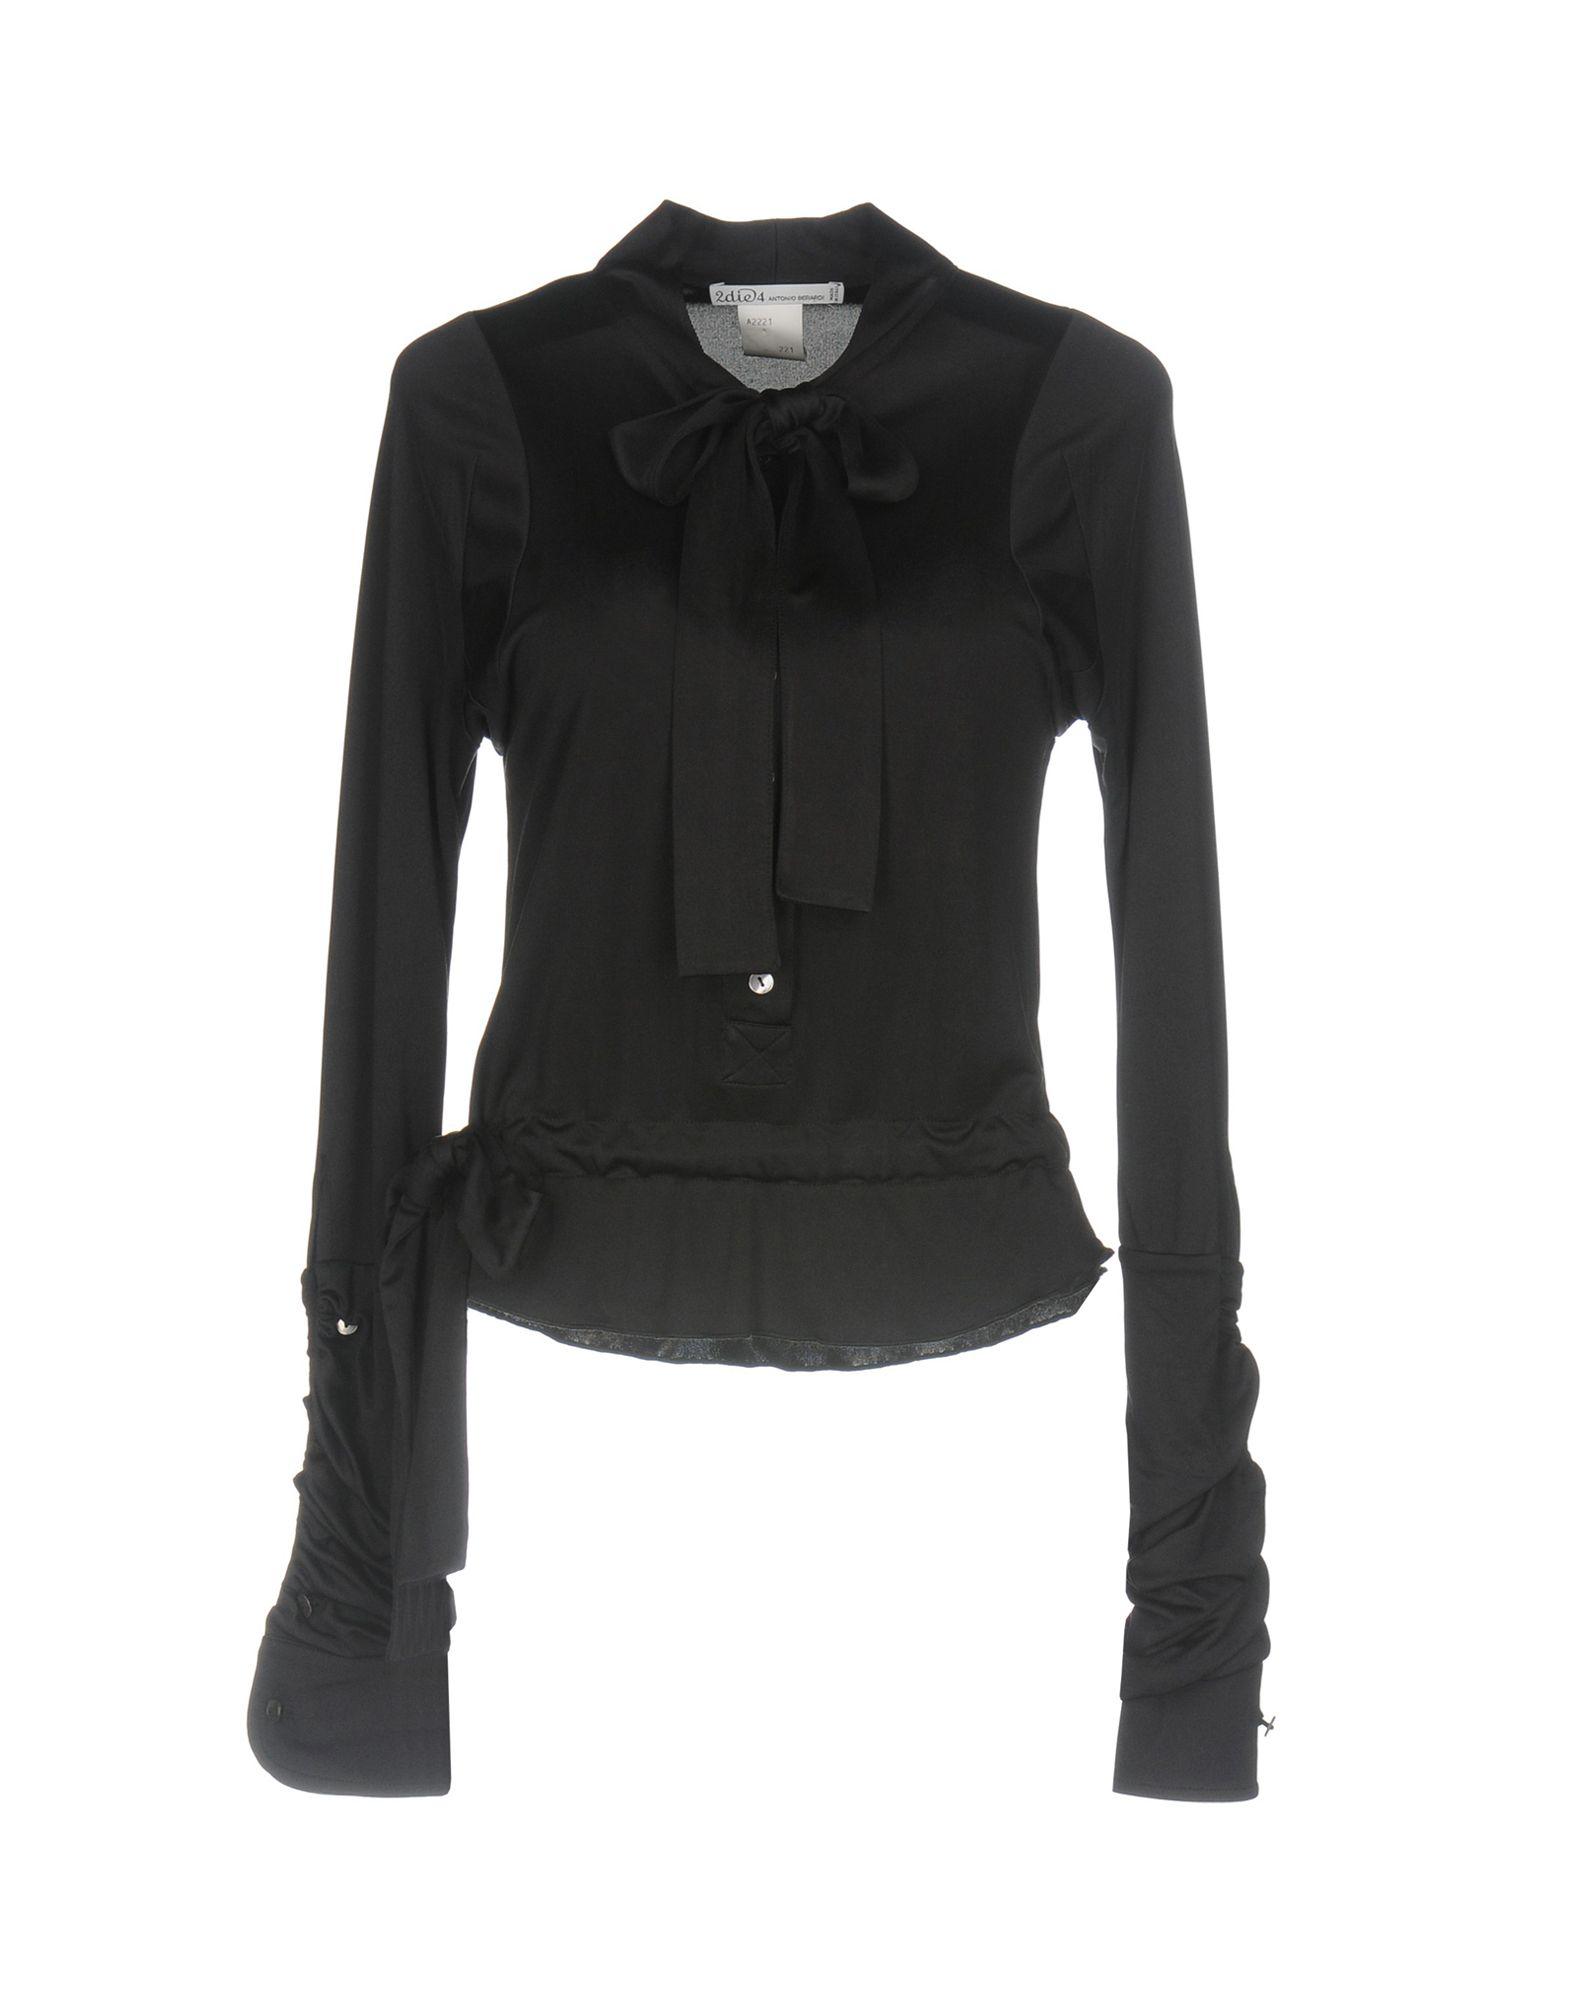 Camicie E Bluse Con Fiocco 2Die4 Antonio Berardi Donna - Acquista online su ABKS0asWKk